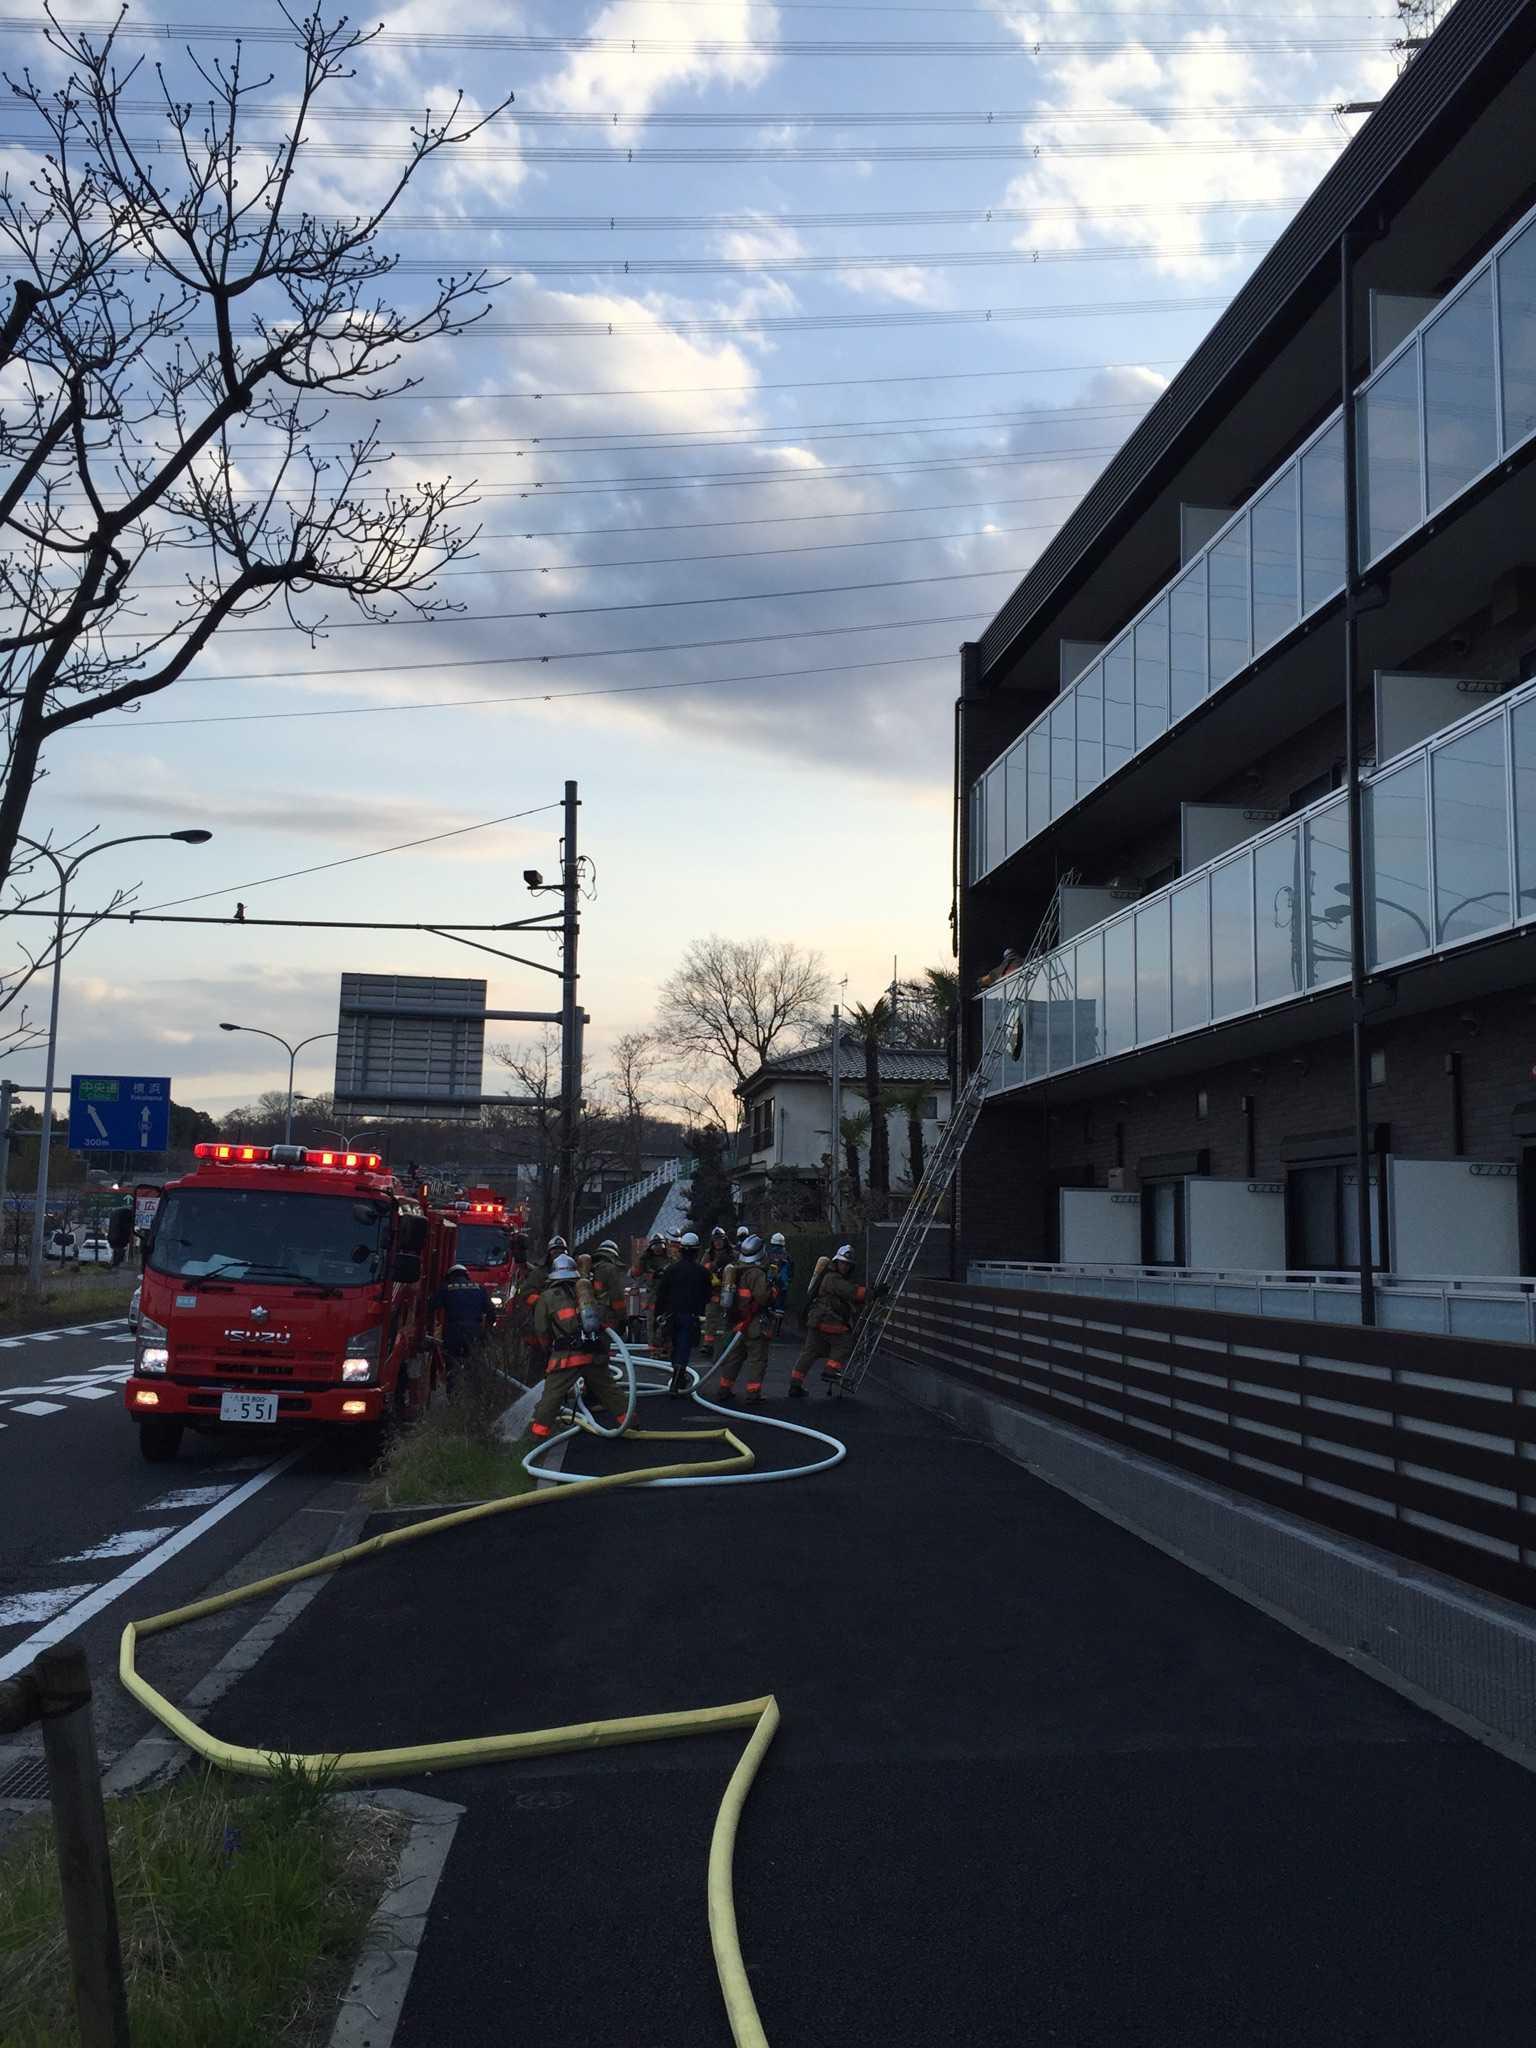 在日本租房发生火灾房间部分被烧毁,消防局判